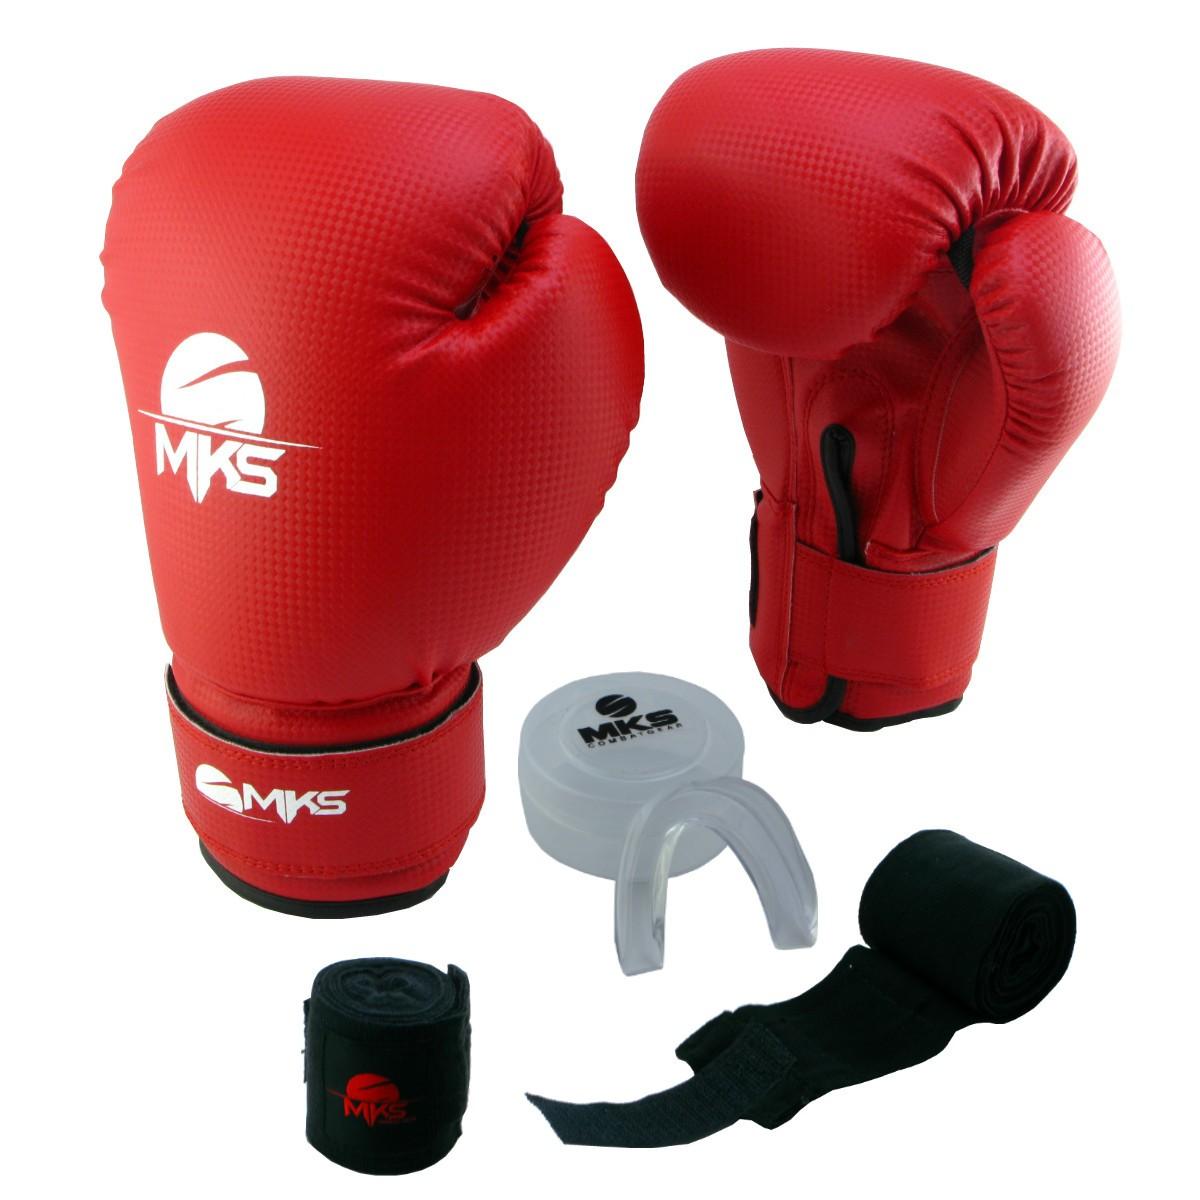 Luva de Boxe Prospect MKS Vermelha 16 oz + Protetor Bucal + Bandagem